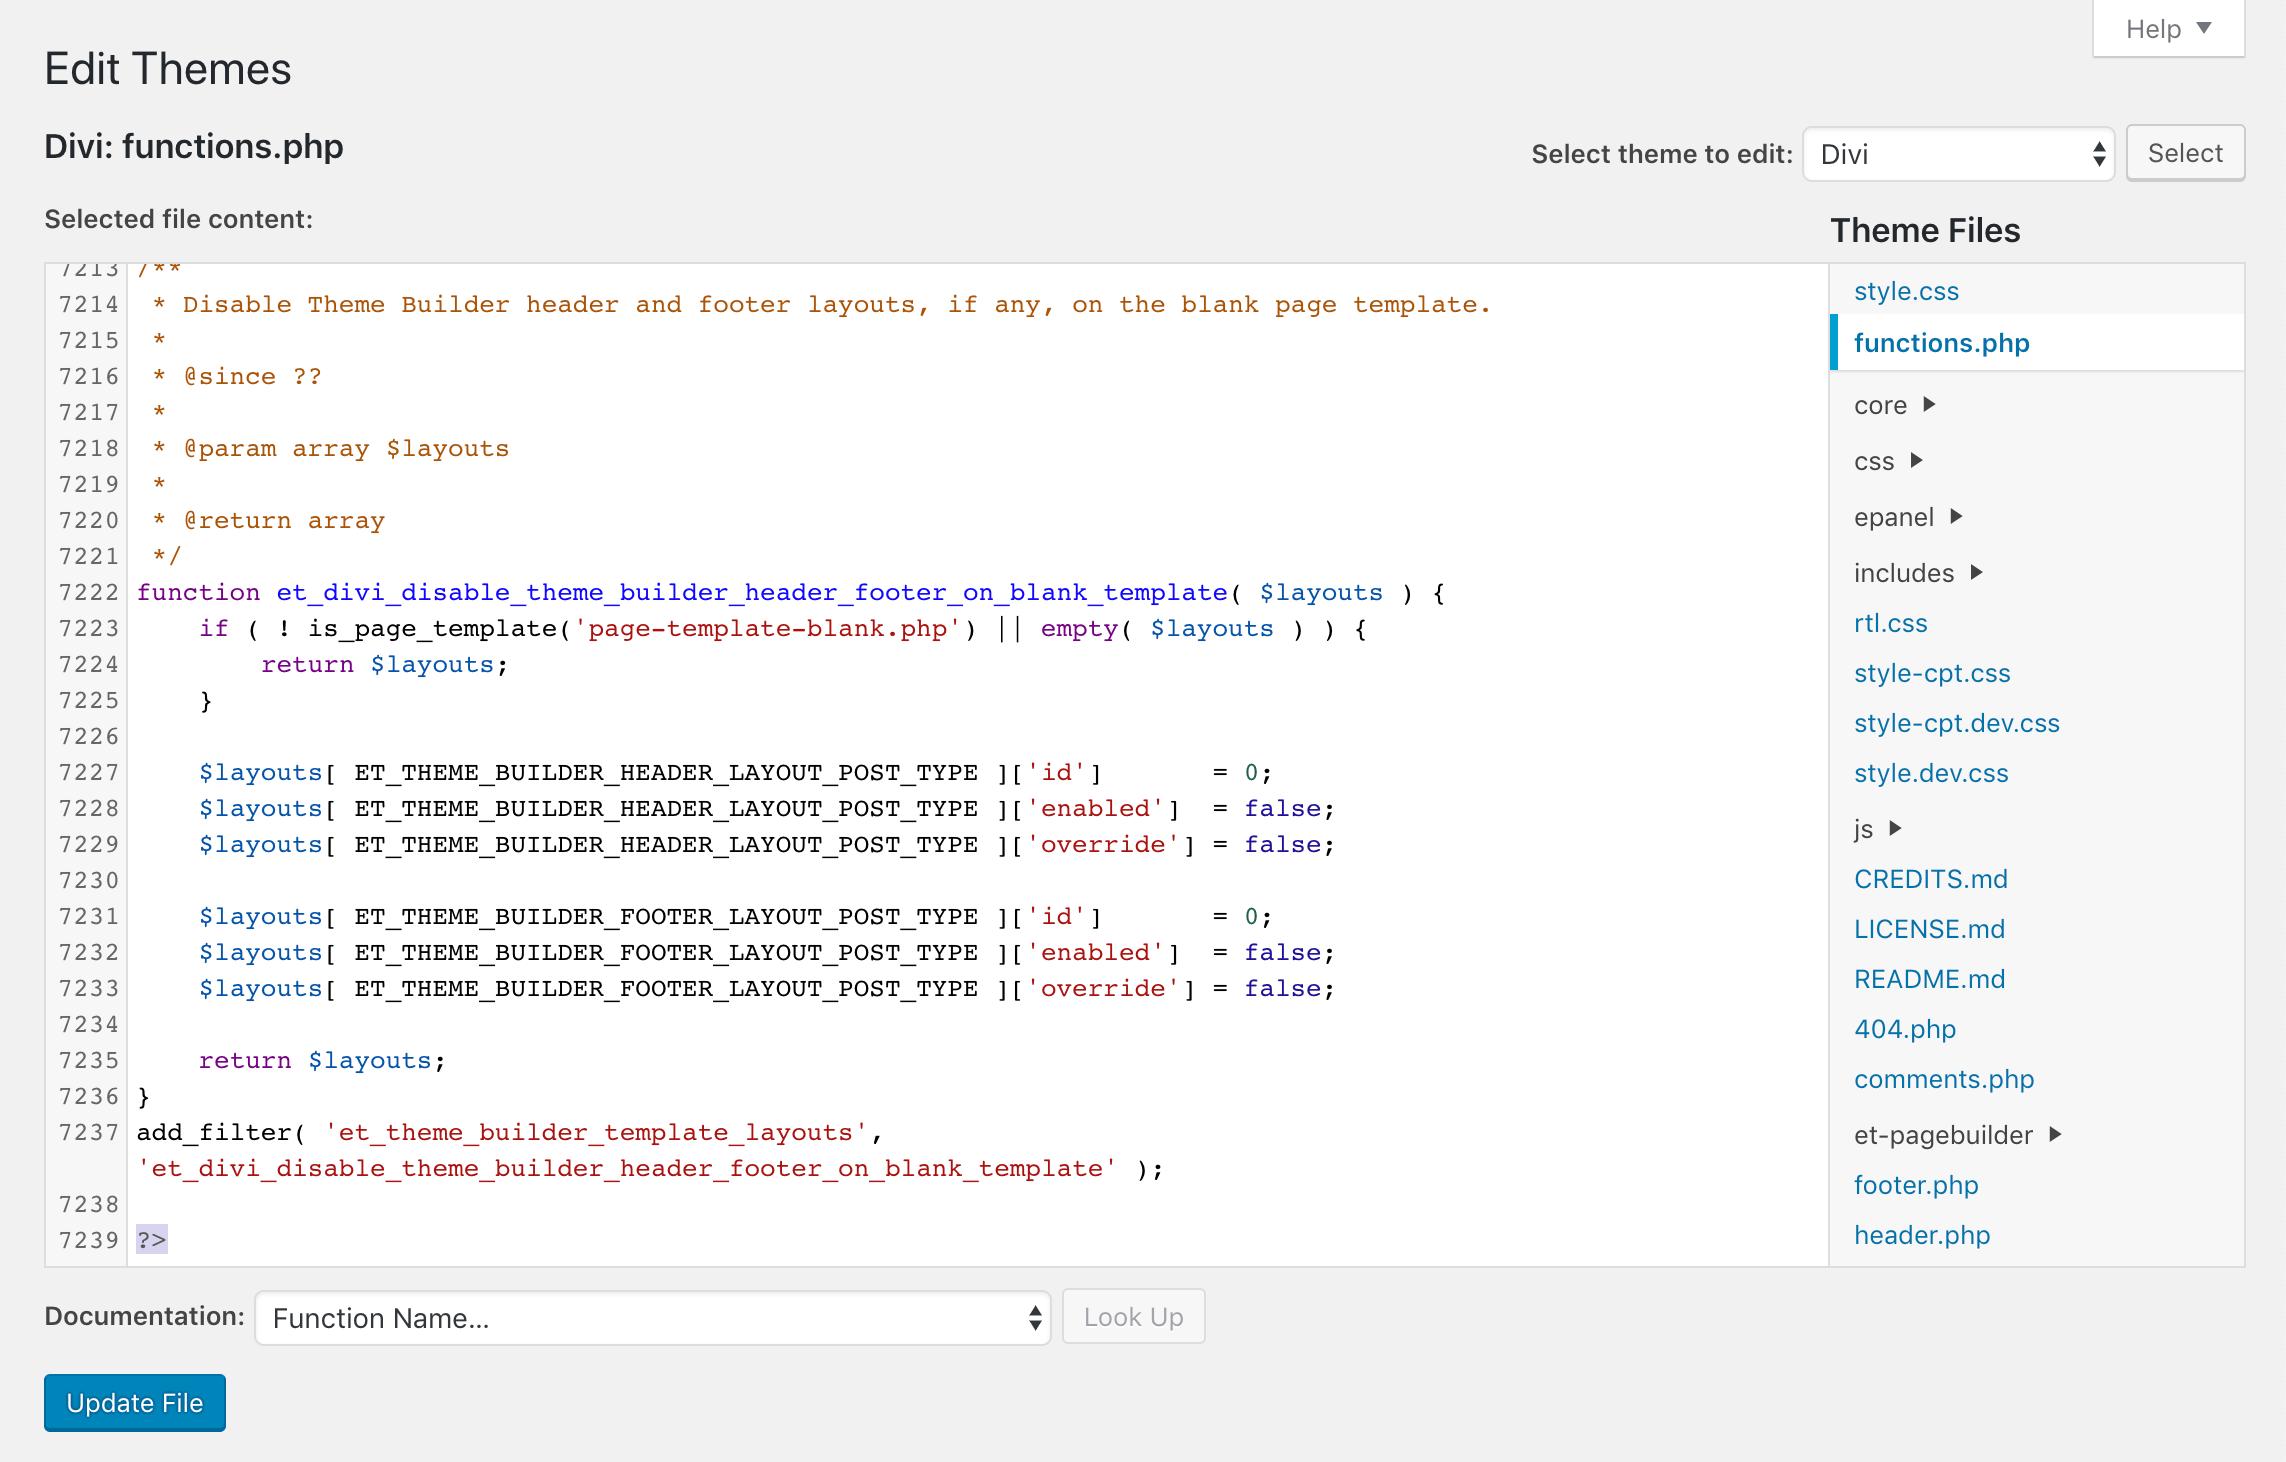 删除主题functions.php空行